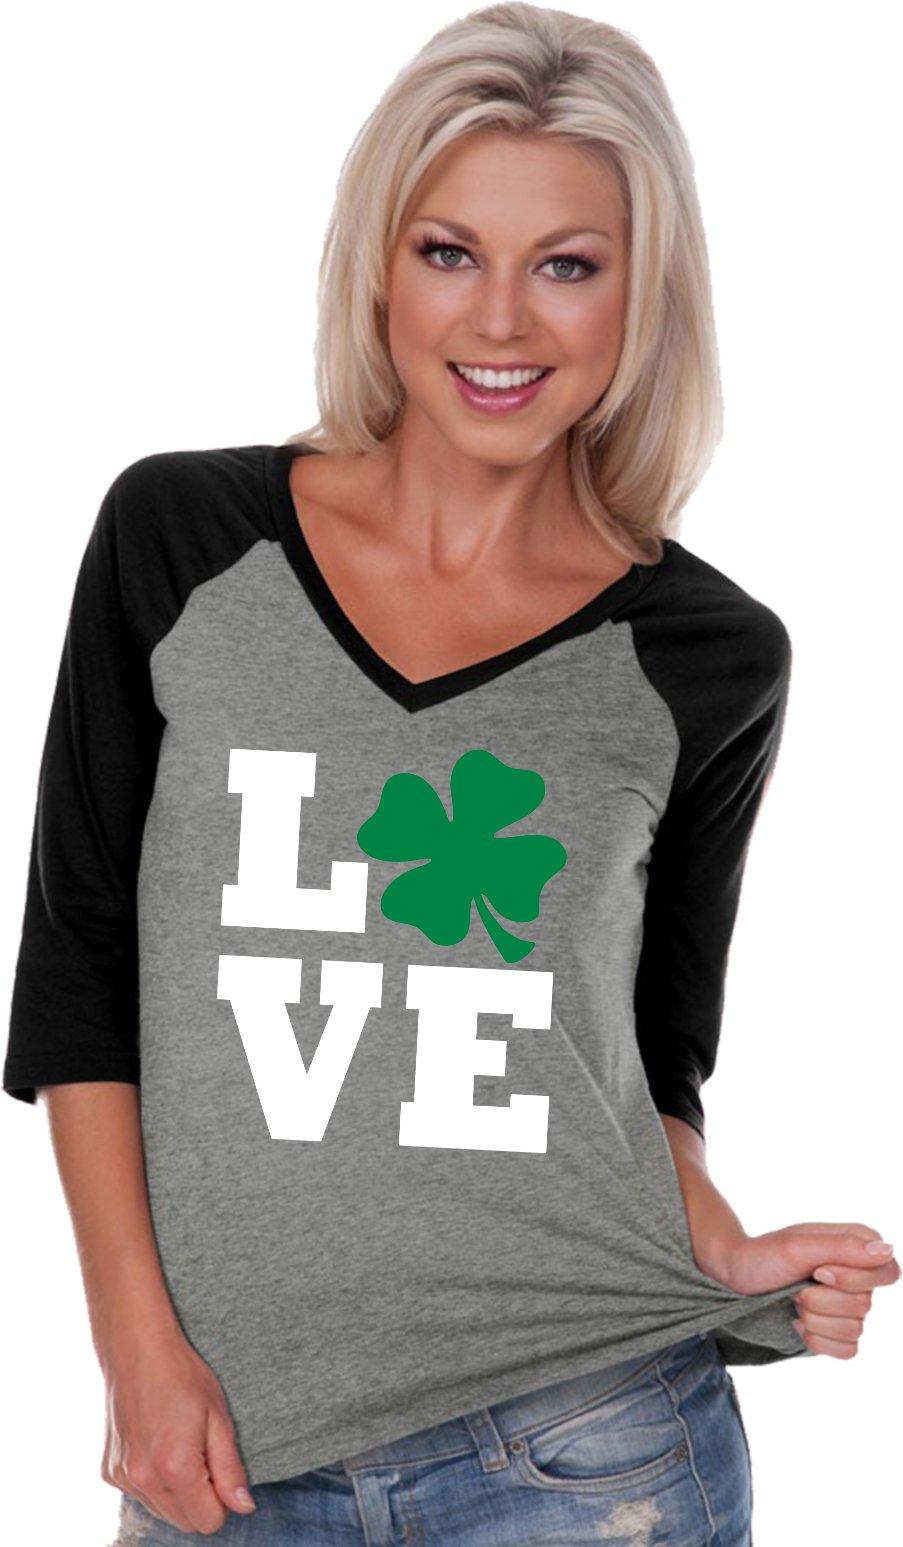 ST Patricks Day Love Shamrock Ladies V-Neck Raglan, Grey Black, XL